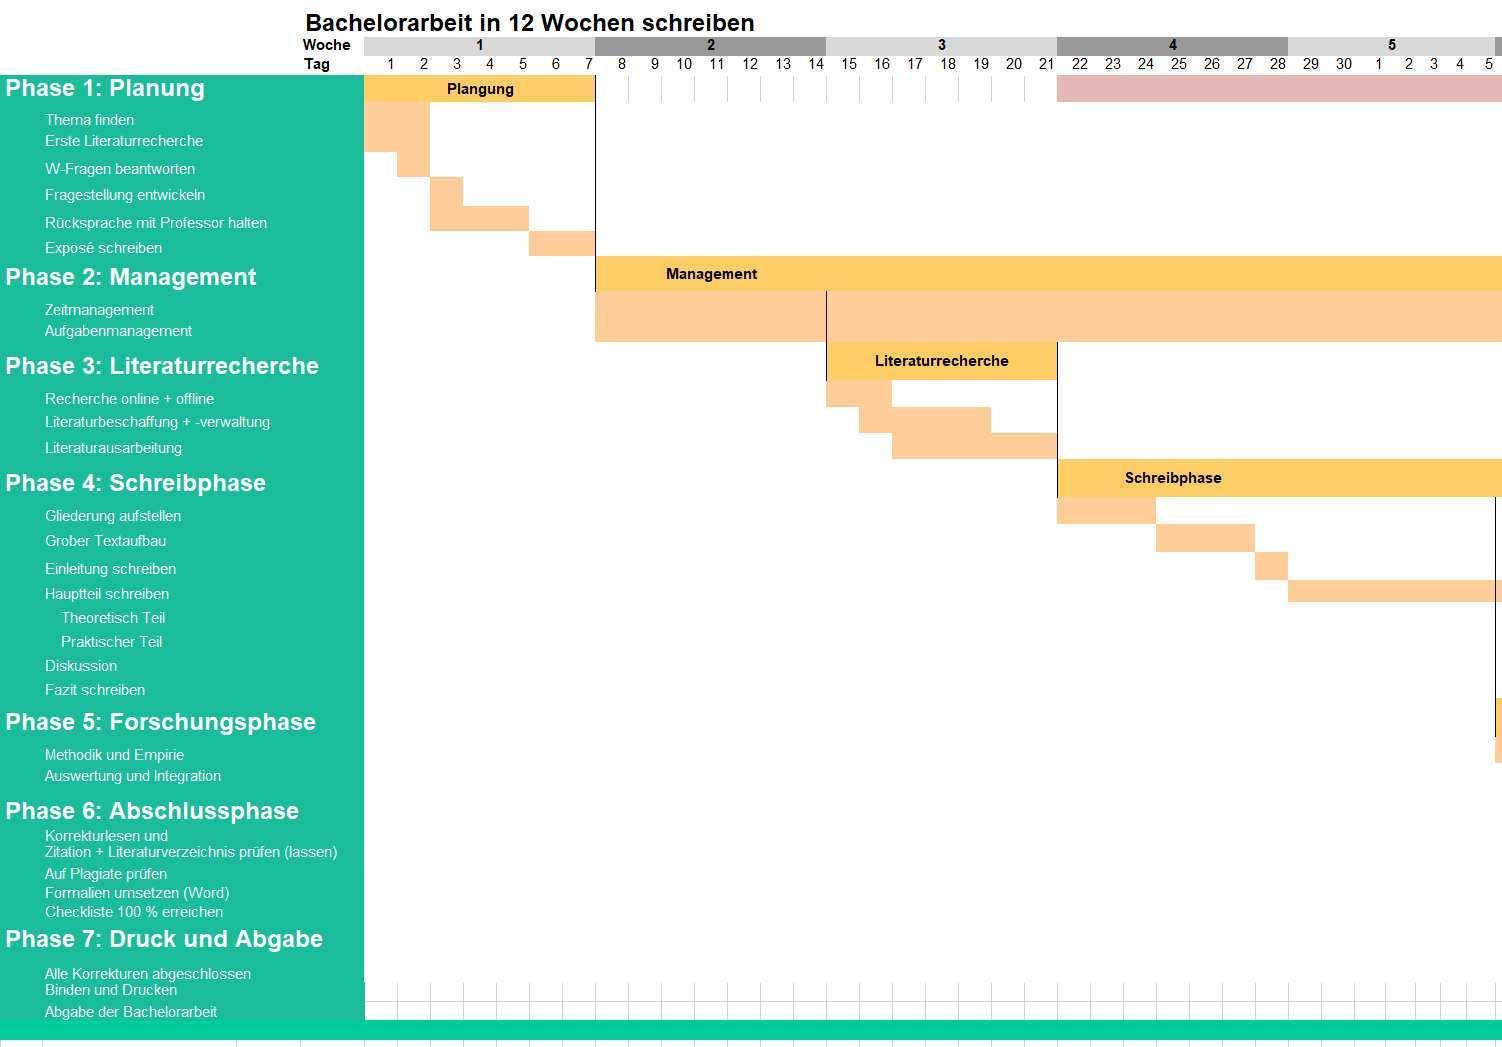 Bachelorarbeit Zeitplan In 12 Oder 9 Wochen Muster